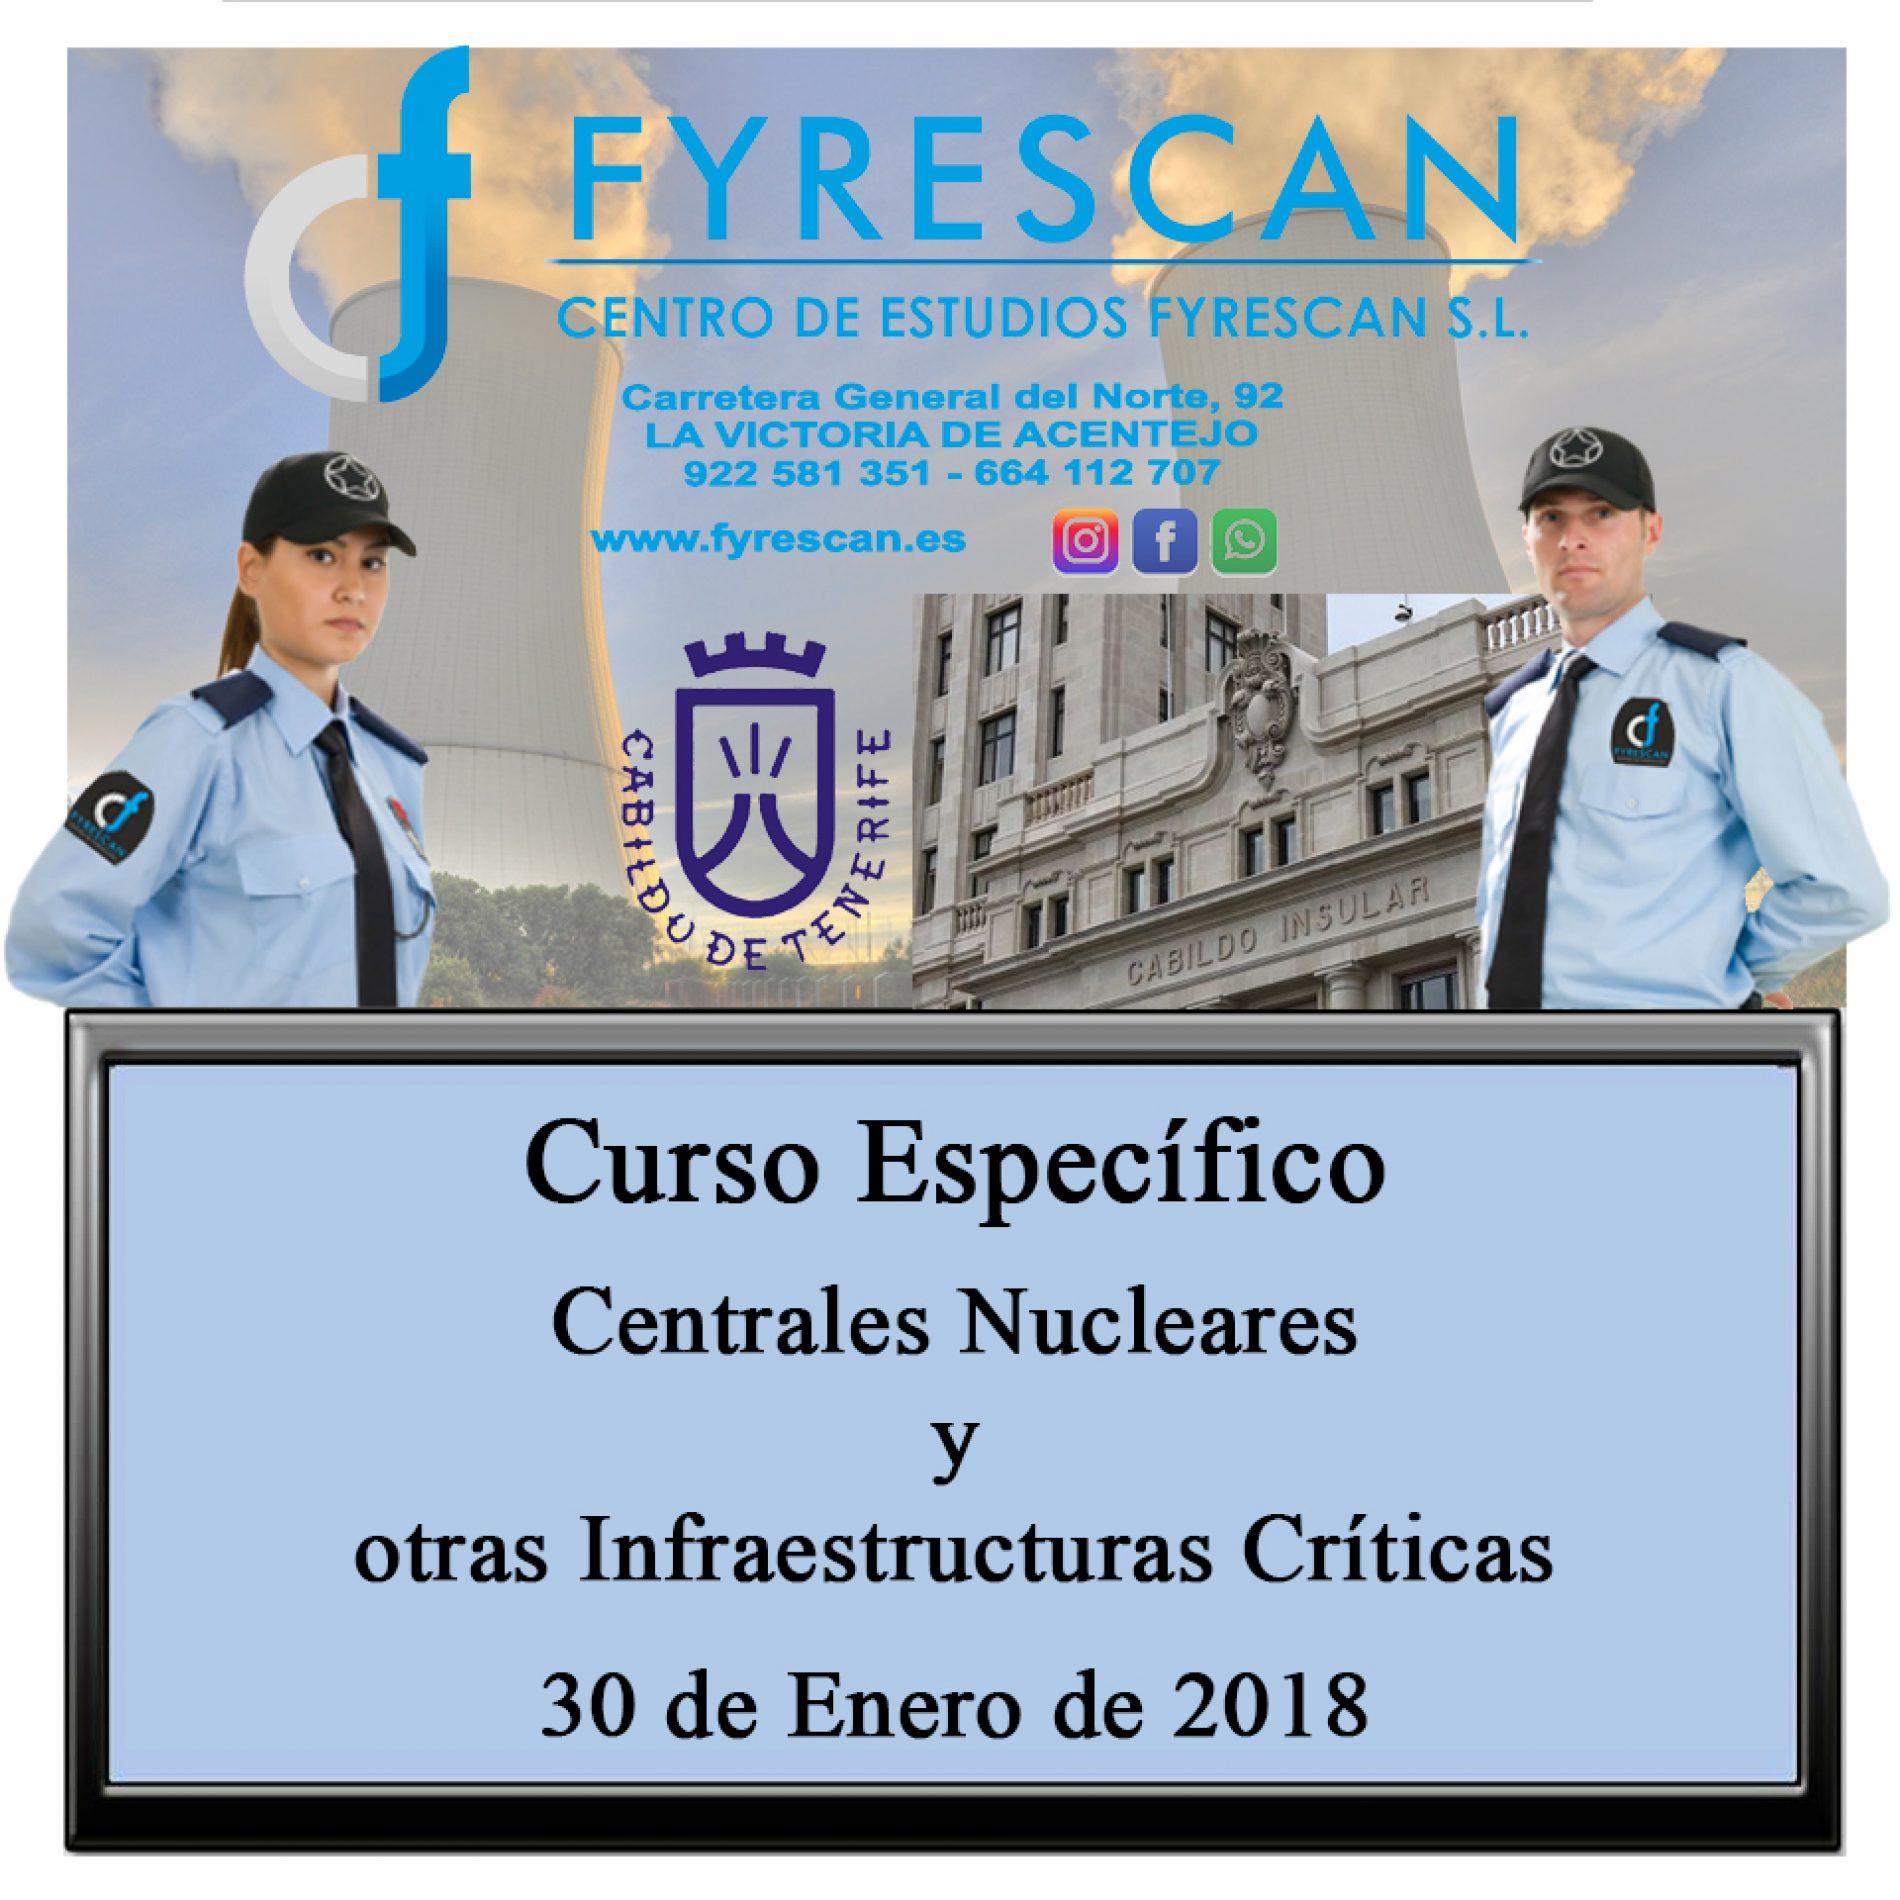 Curso Específico de Centros Nucleares y otras Infraestructuras Críticas 30 de Enero de 2018